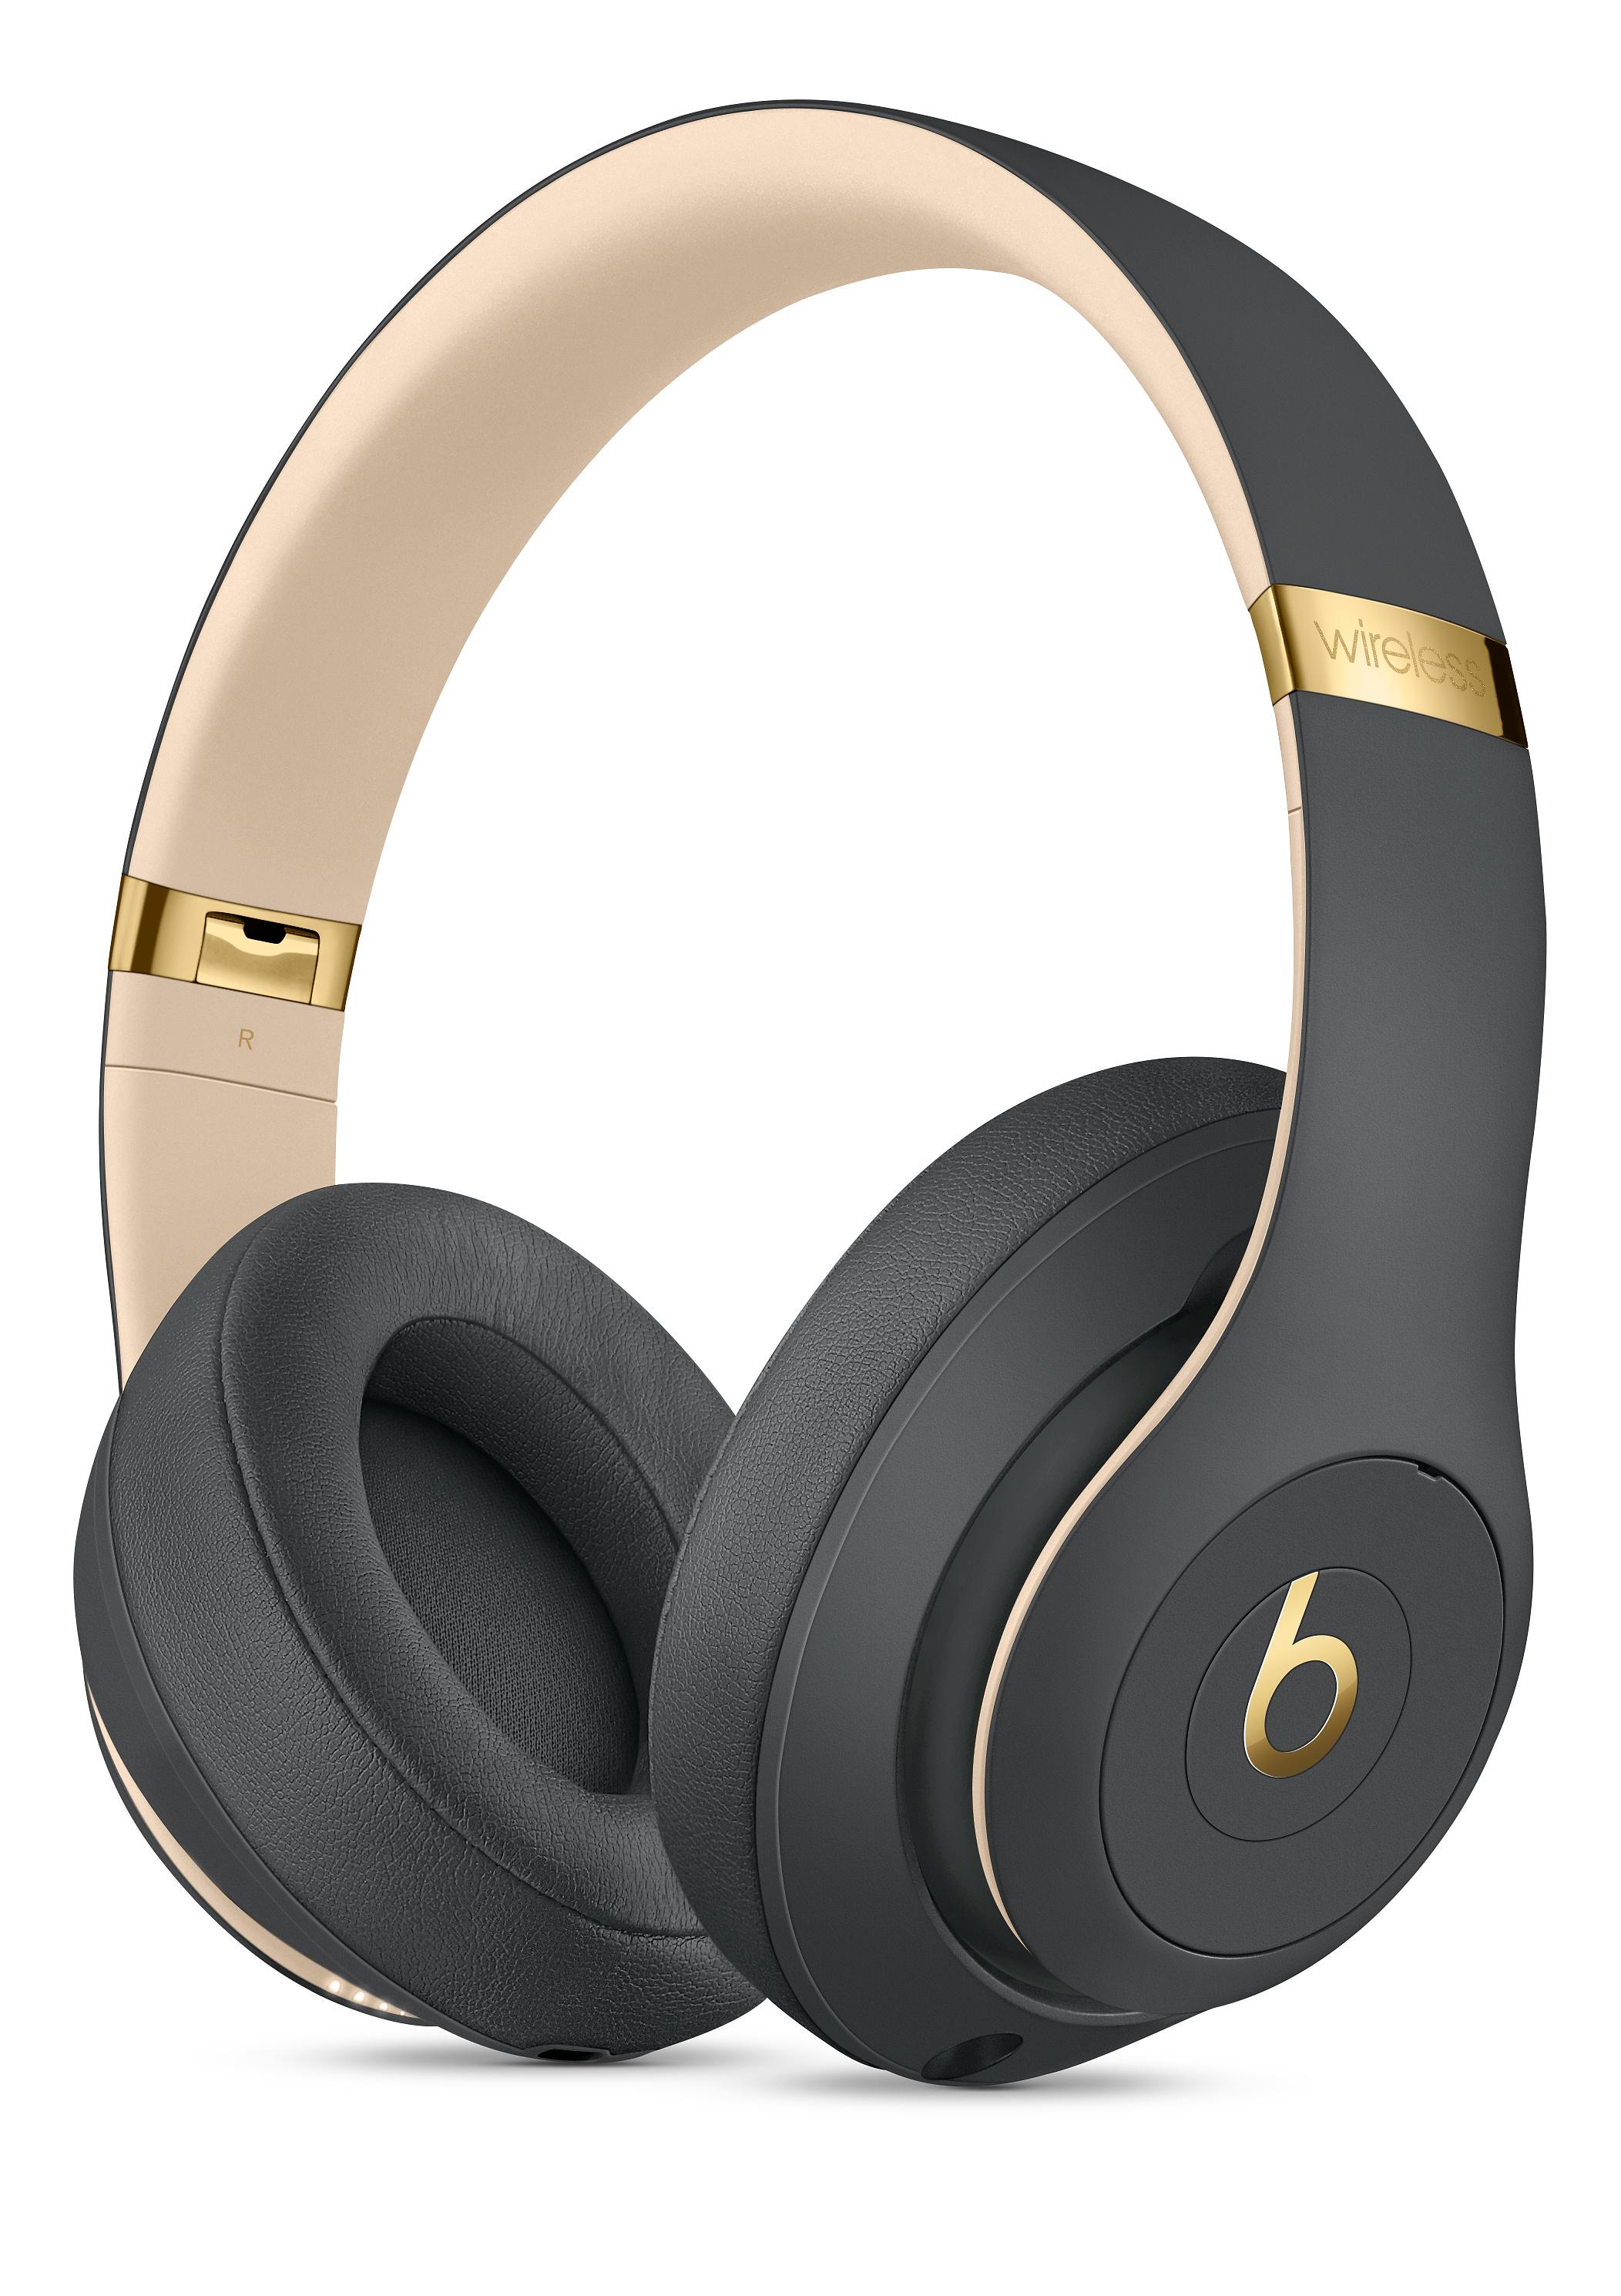 Audífonos on-ear Beats Studio3 Wireless con cancelación de ruido y chip W1 - Negro Noche